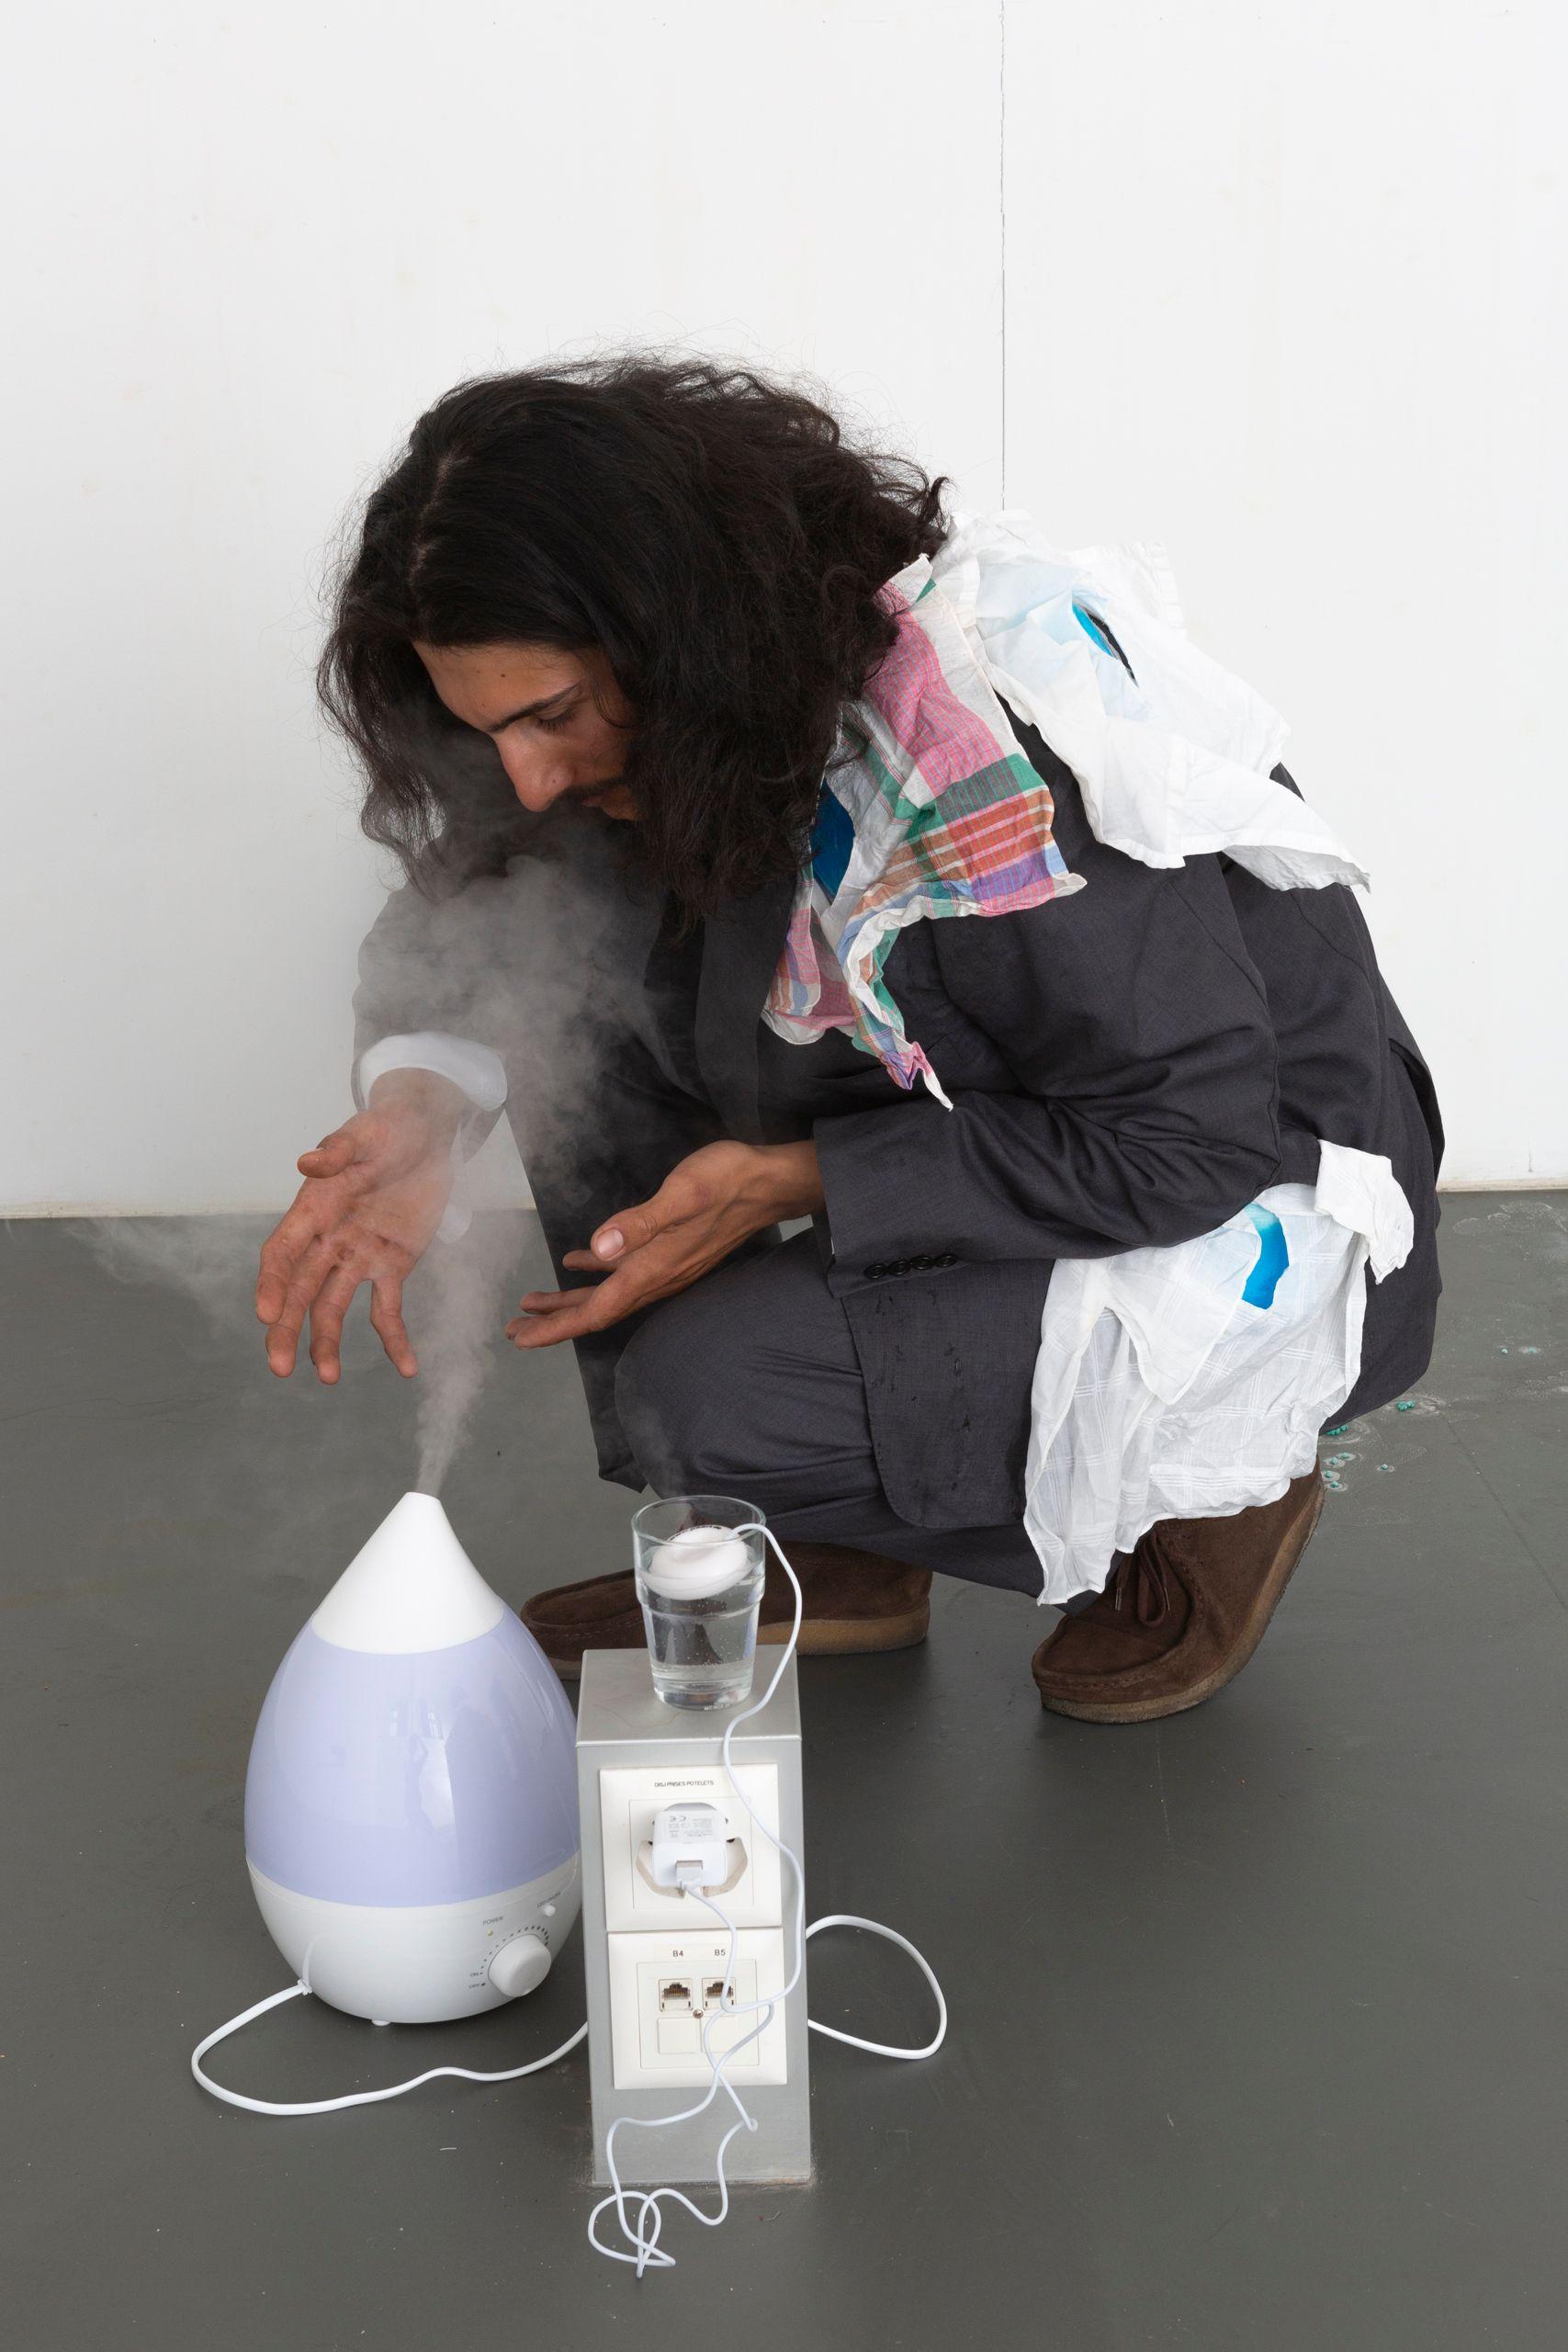 Projet de diplôme master arts visuels option work master monika kazi, installation-performance autour du soin de soi, des autres et des éléments de l'intérieur. Ici l'espace de la buanderie mets en scène un duo, qui prend soin l'un de l'autre, dans un circuit de nettoyage.